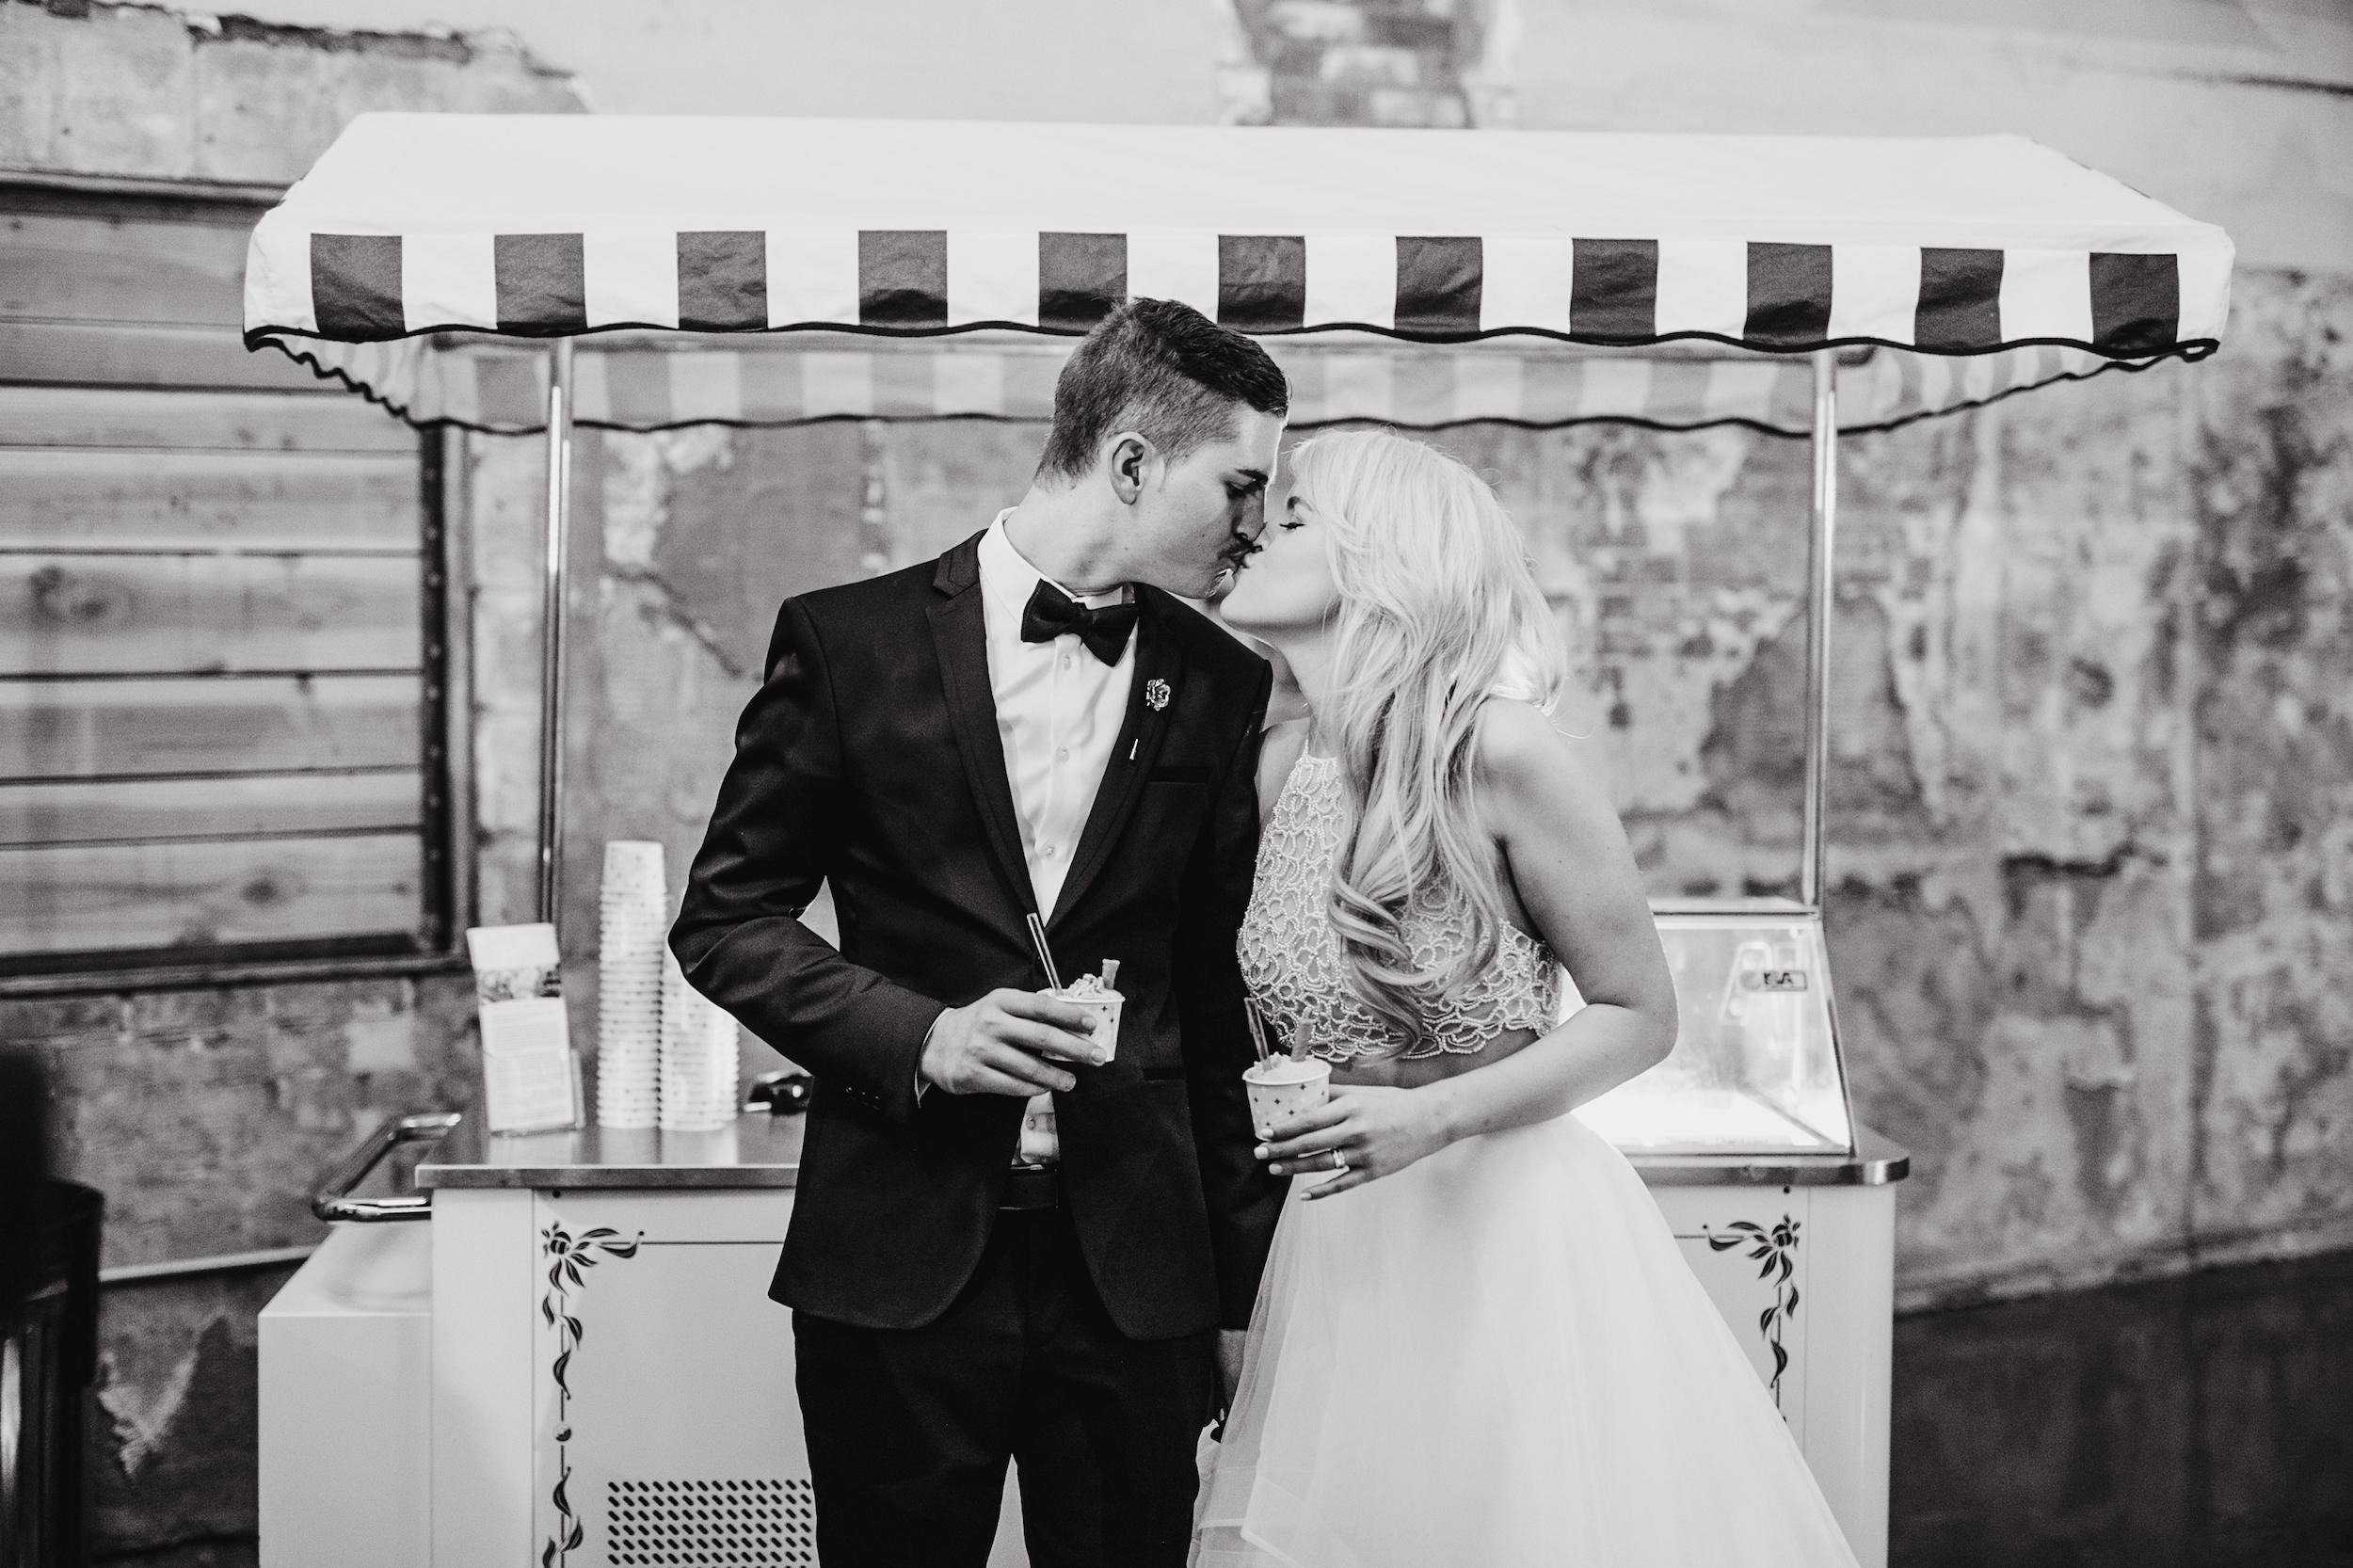 arizona - wedding - photography 01747.jpg